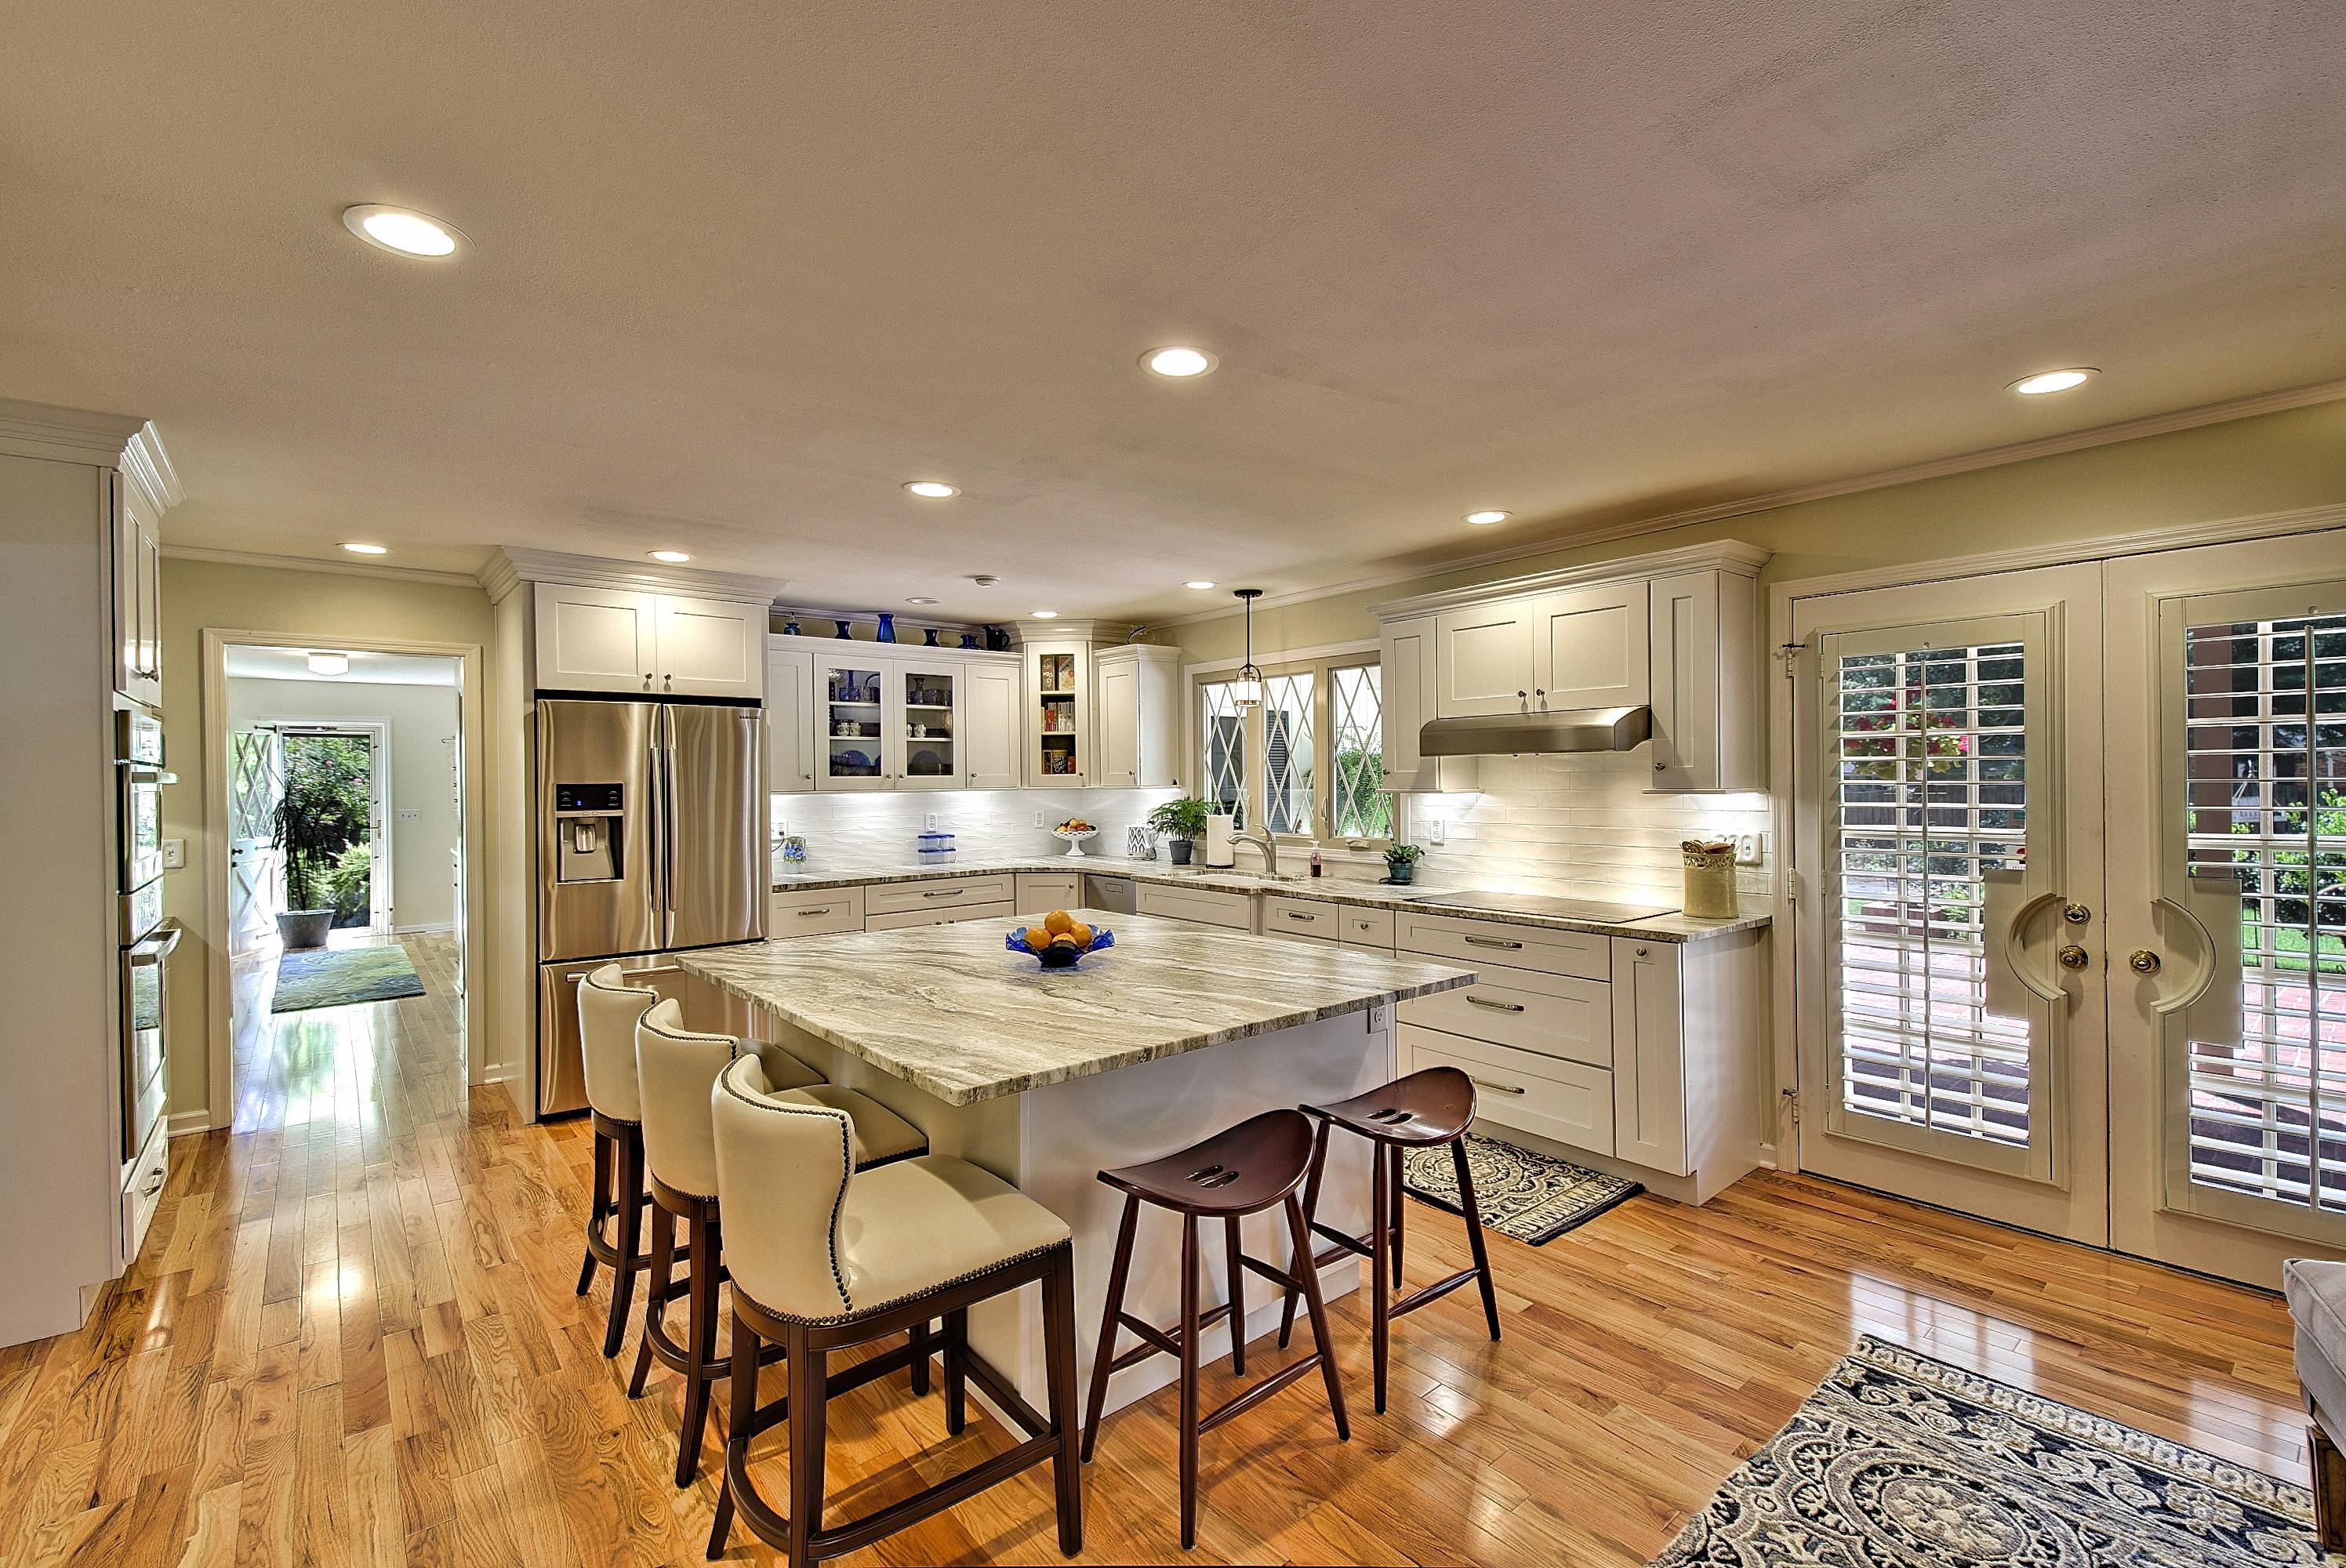 Kitchen Design Johnson City Photo Gallery Kitchens By Design